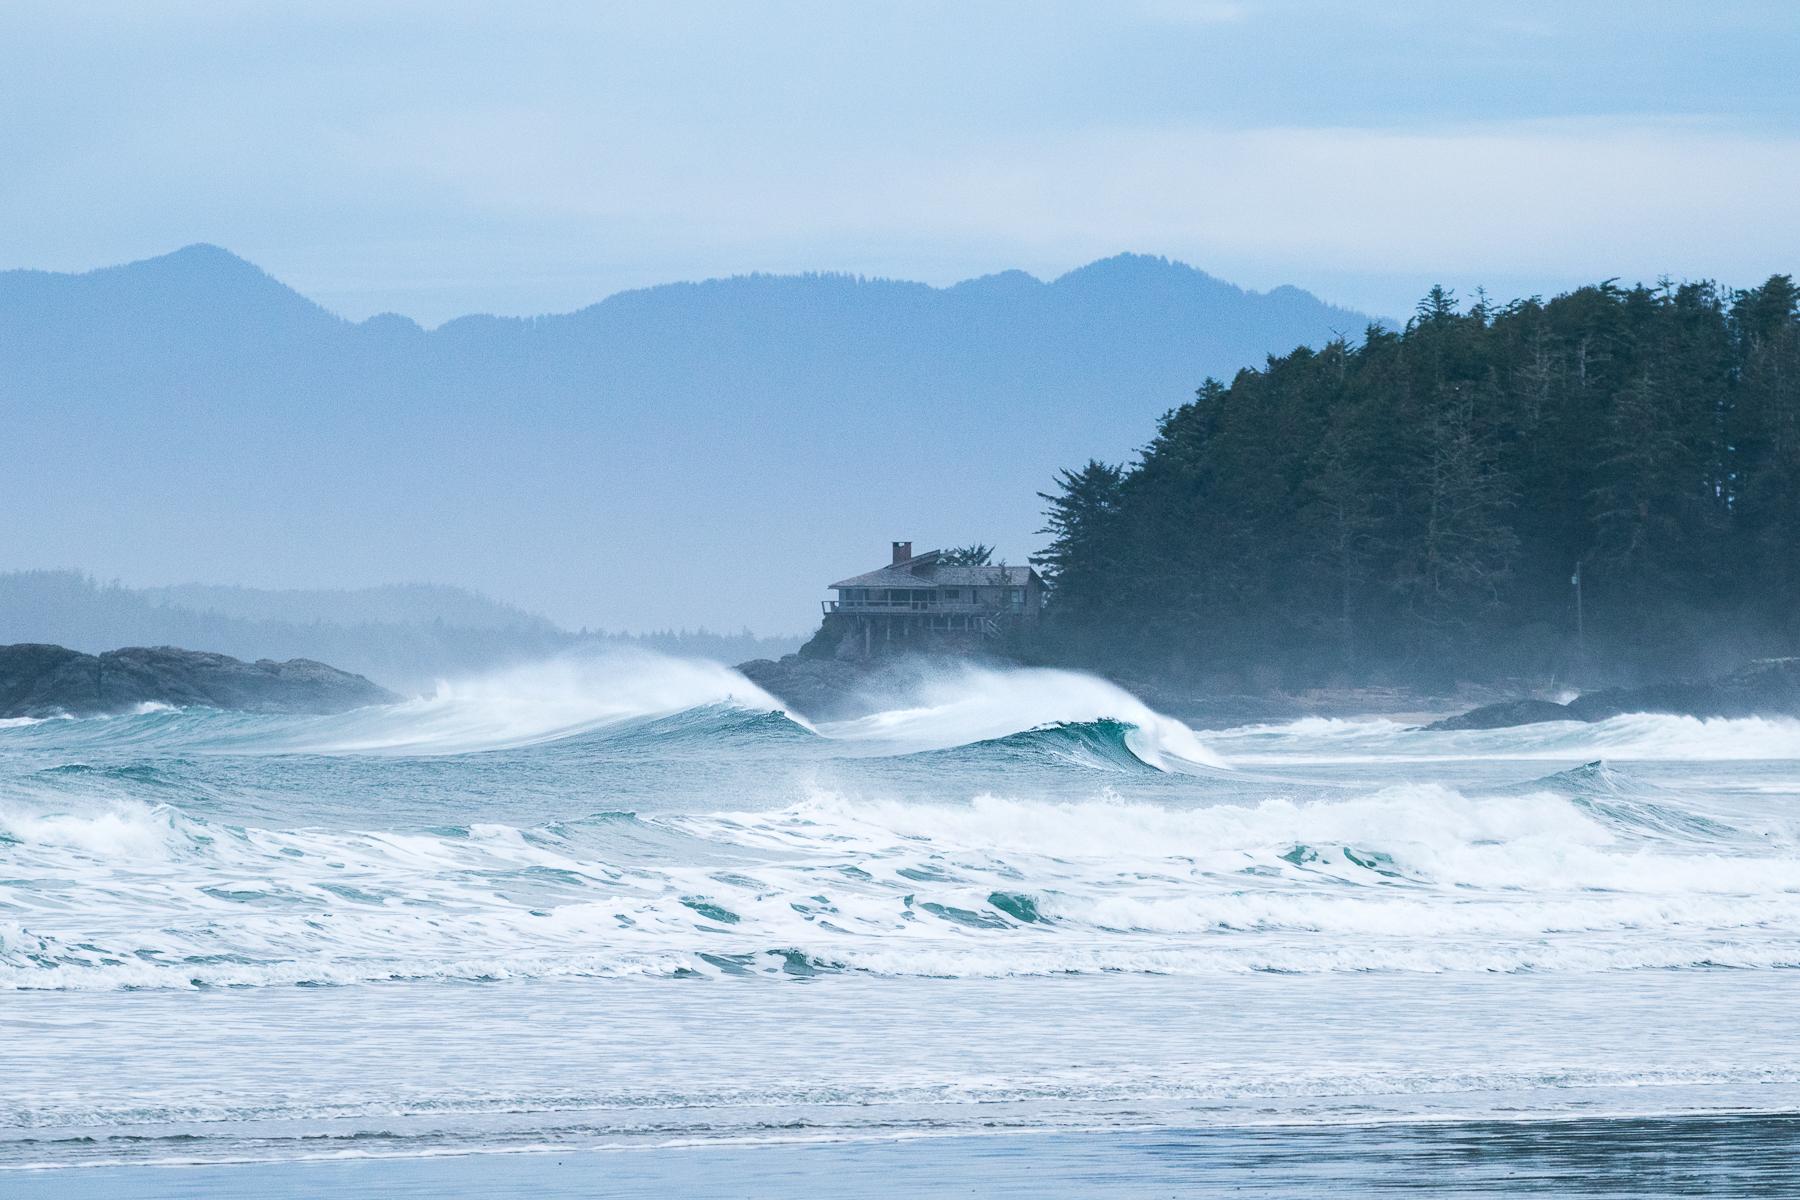 tofino_surf_photography-peak_of_winter_2019.jpg